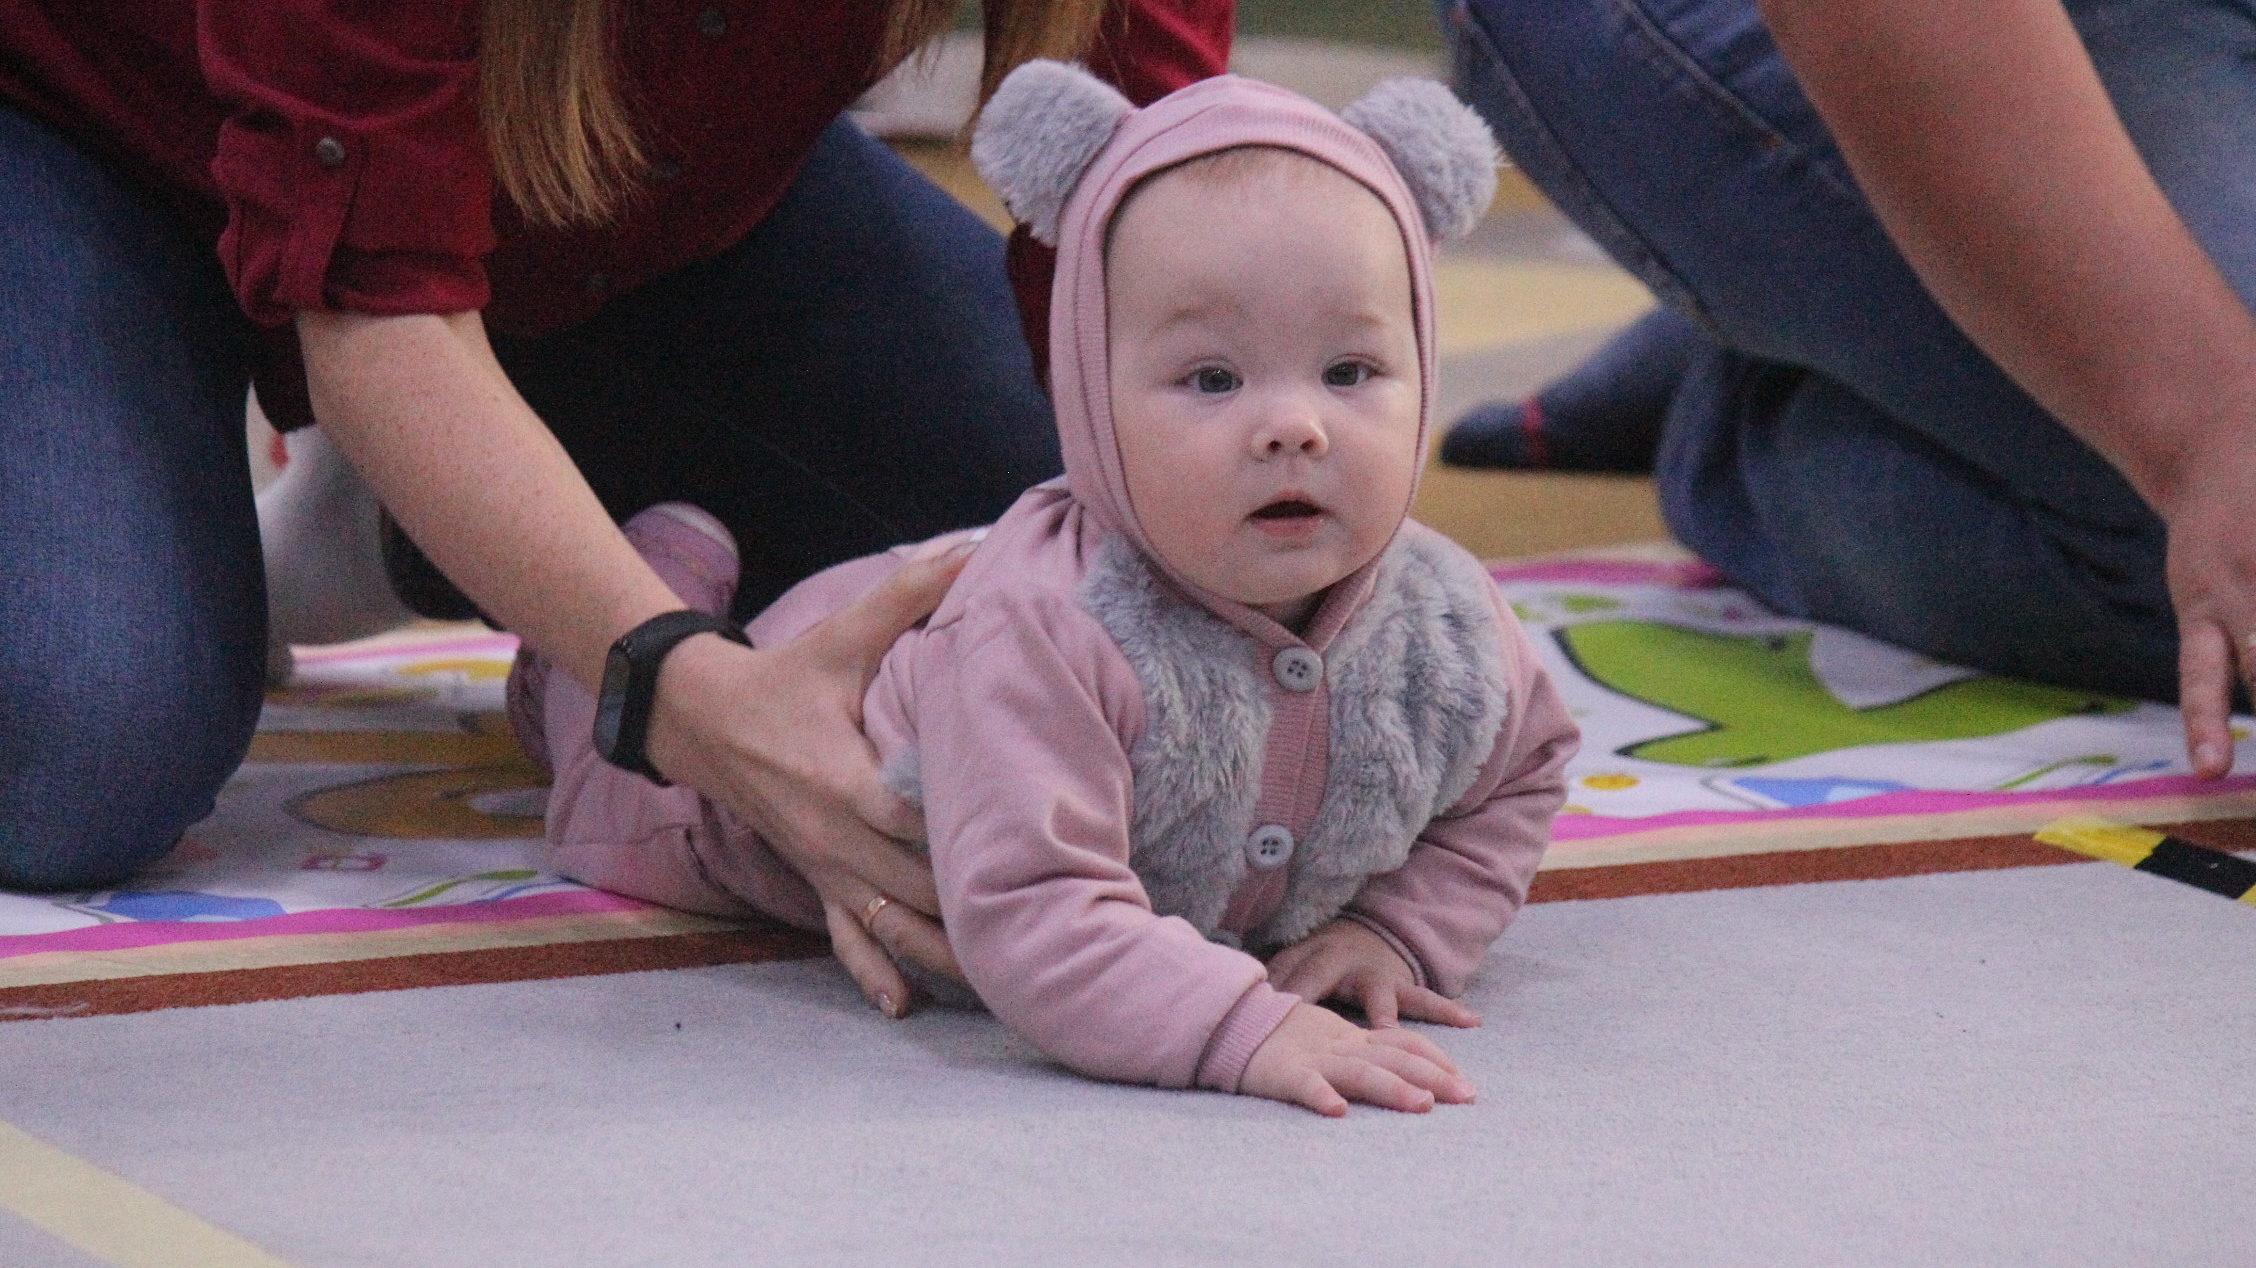 Карапузы, на старт: в Запорожье впервые провели забеги малышей от 6 до 36 месяцев, – ФОТОРЕПОРТАЖ